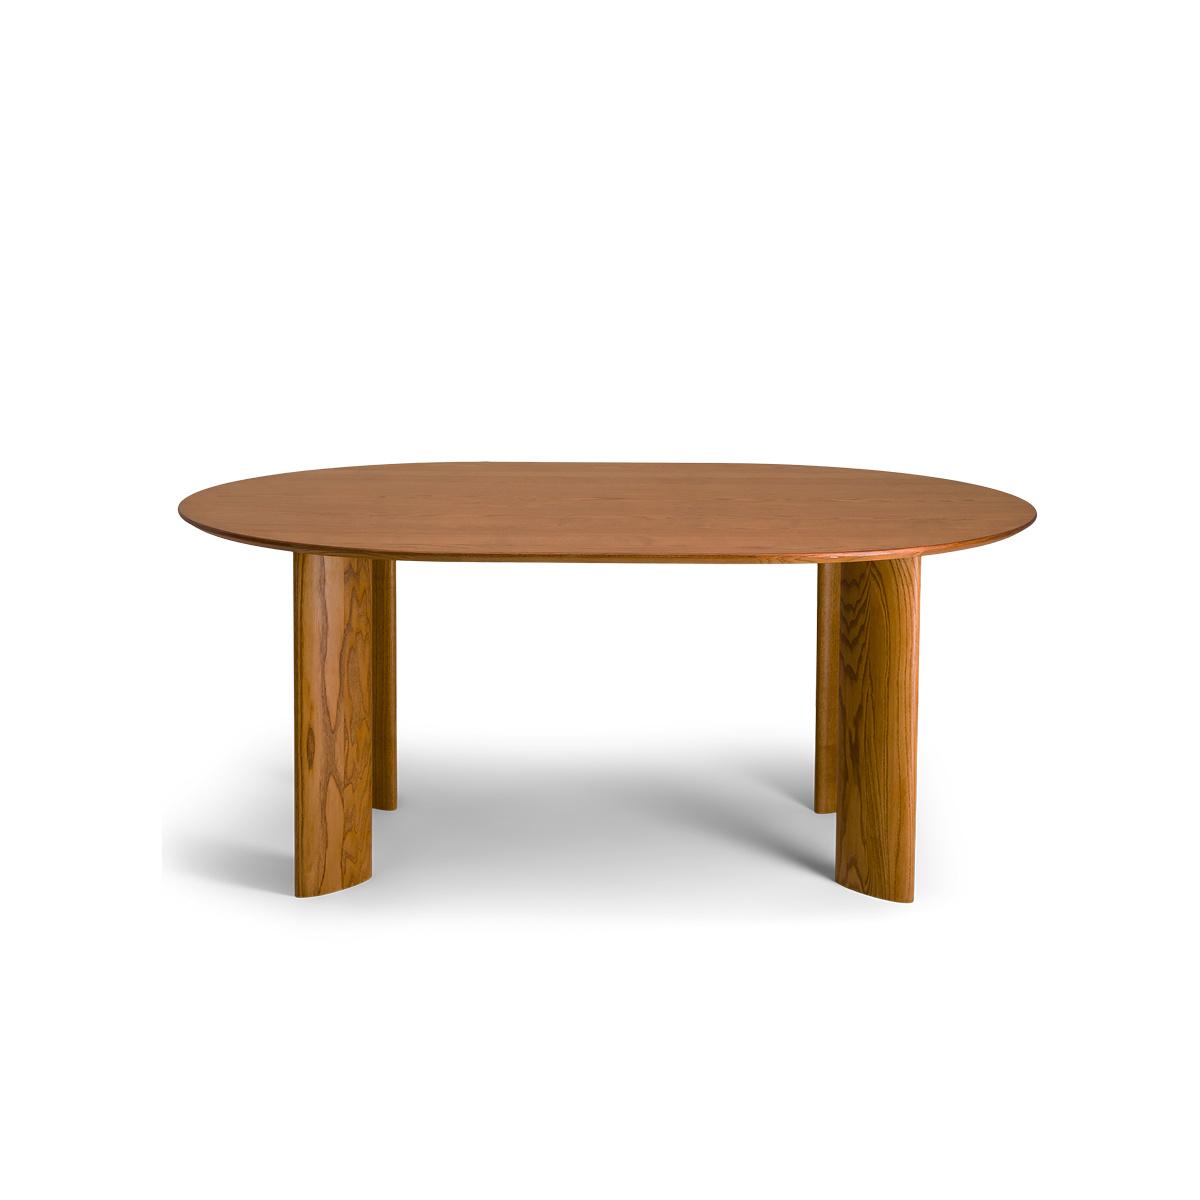 Carlotta Alta Oval Wooden Table - 6 seats